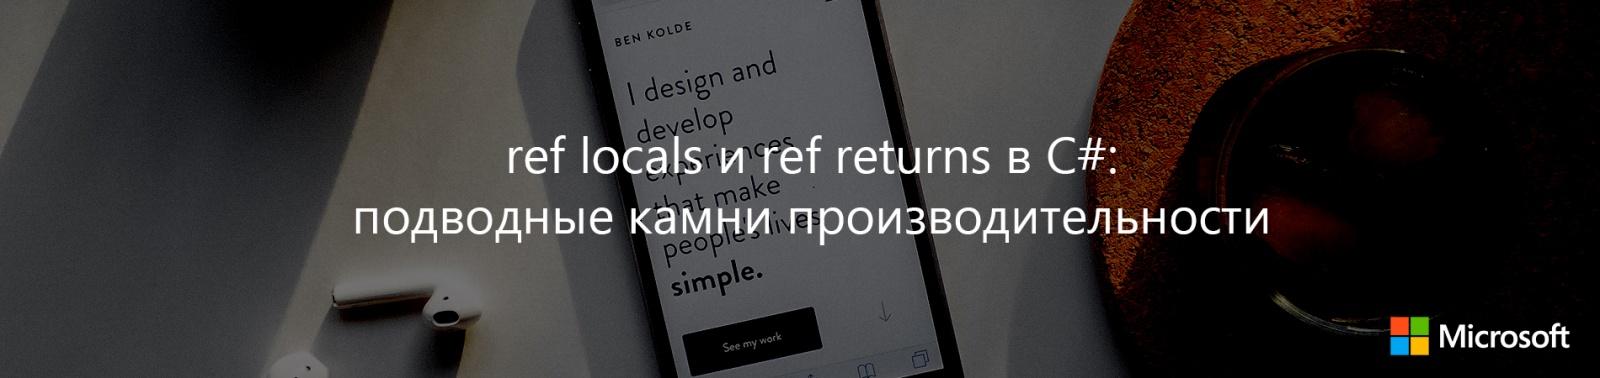 ref locals и ref returns в C#: подводные камни производительности - 1